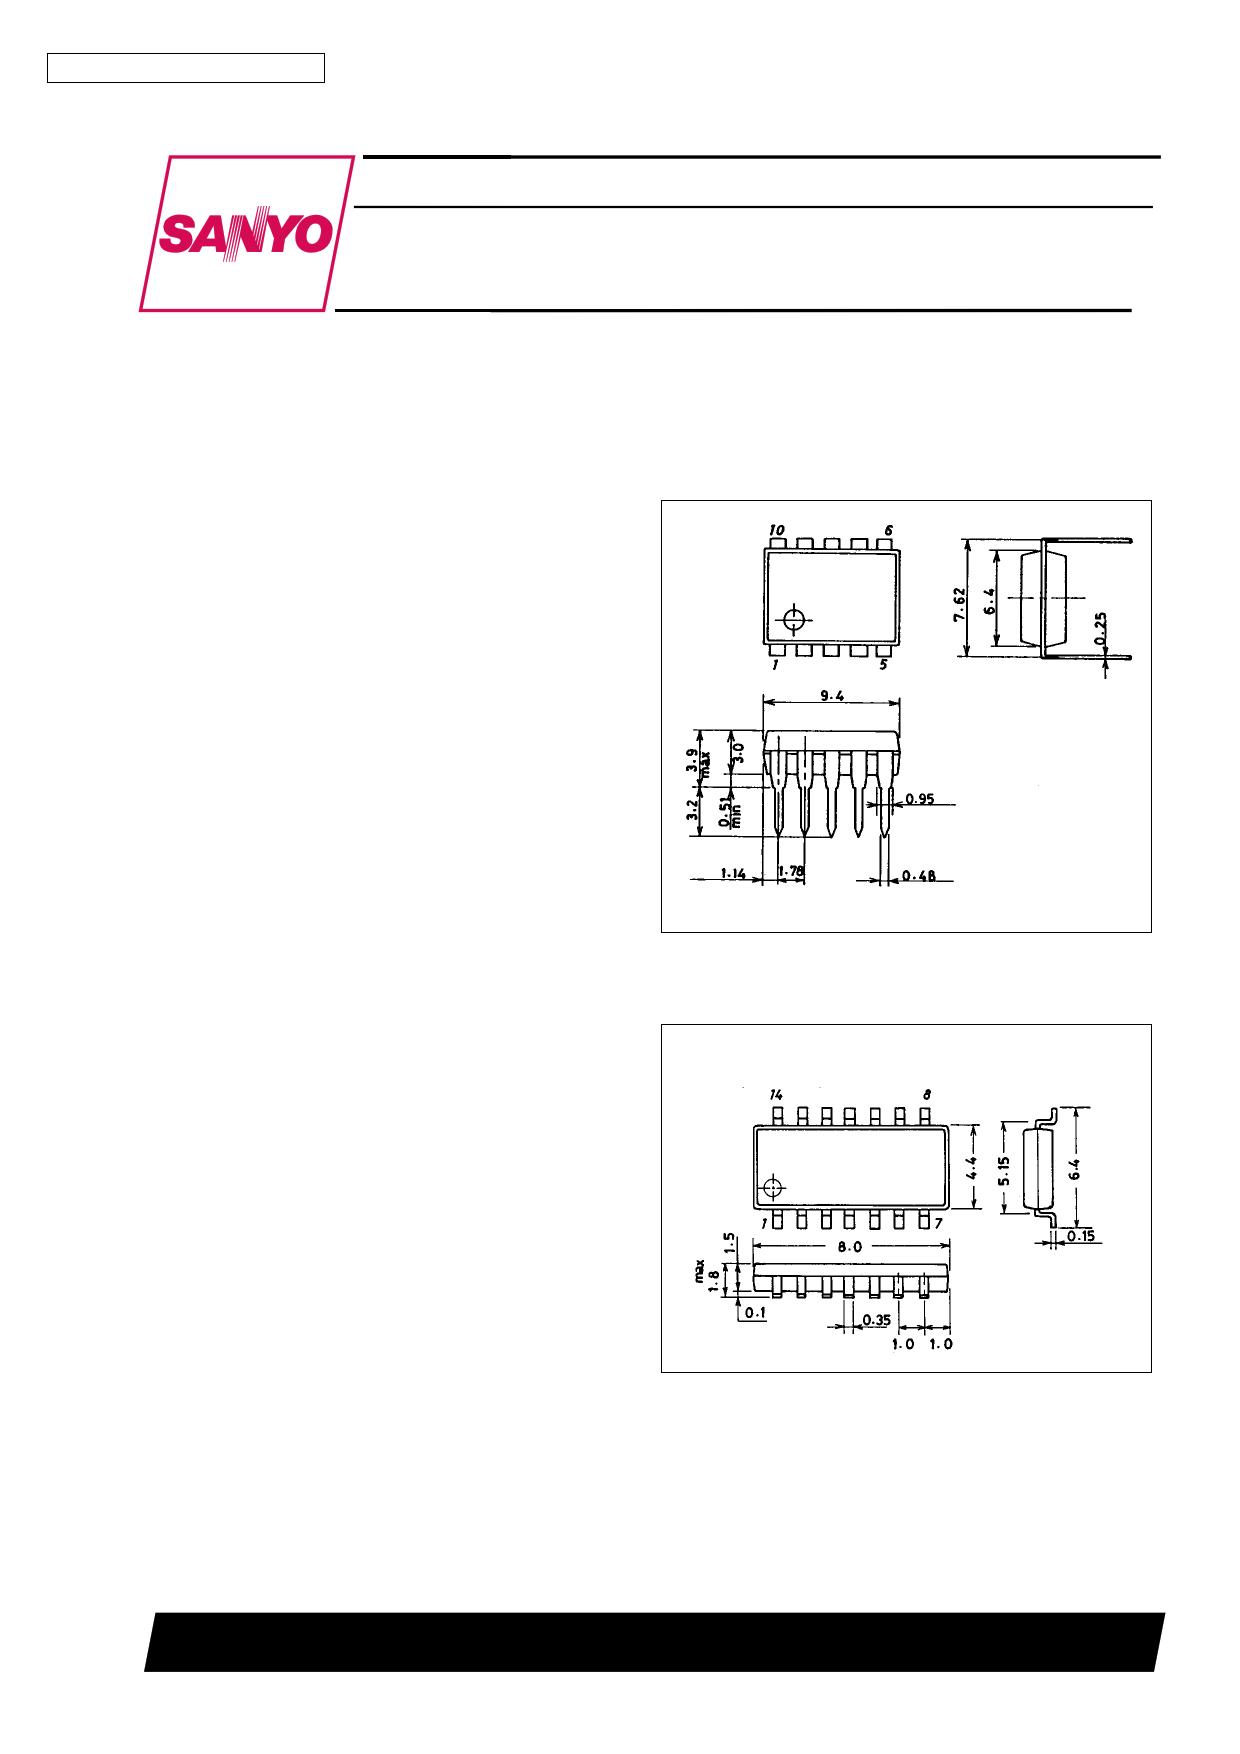 LB1860 datasheet